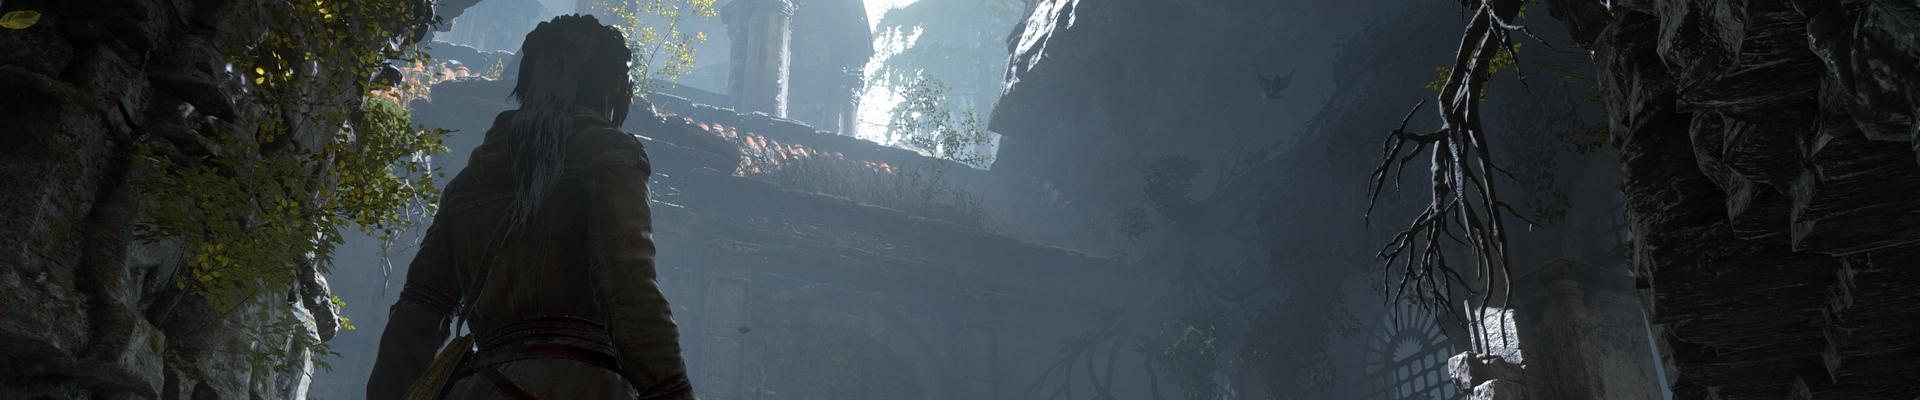 Image de l'article Rise of the Tomb Raider débarque enfin sur PC !